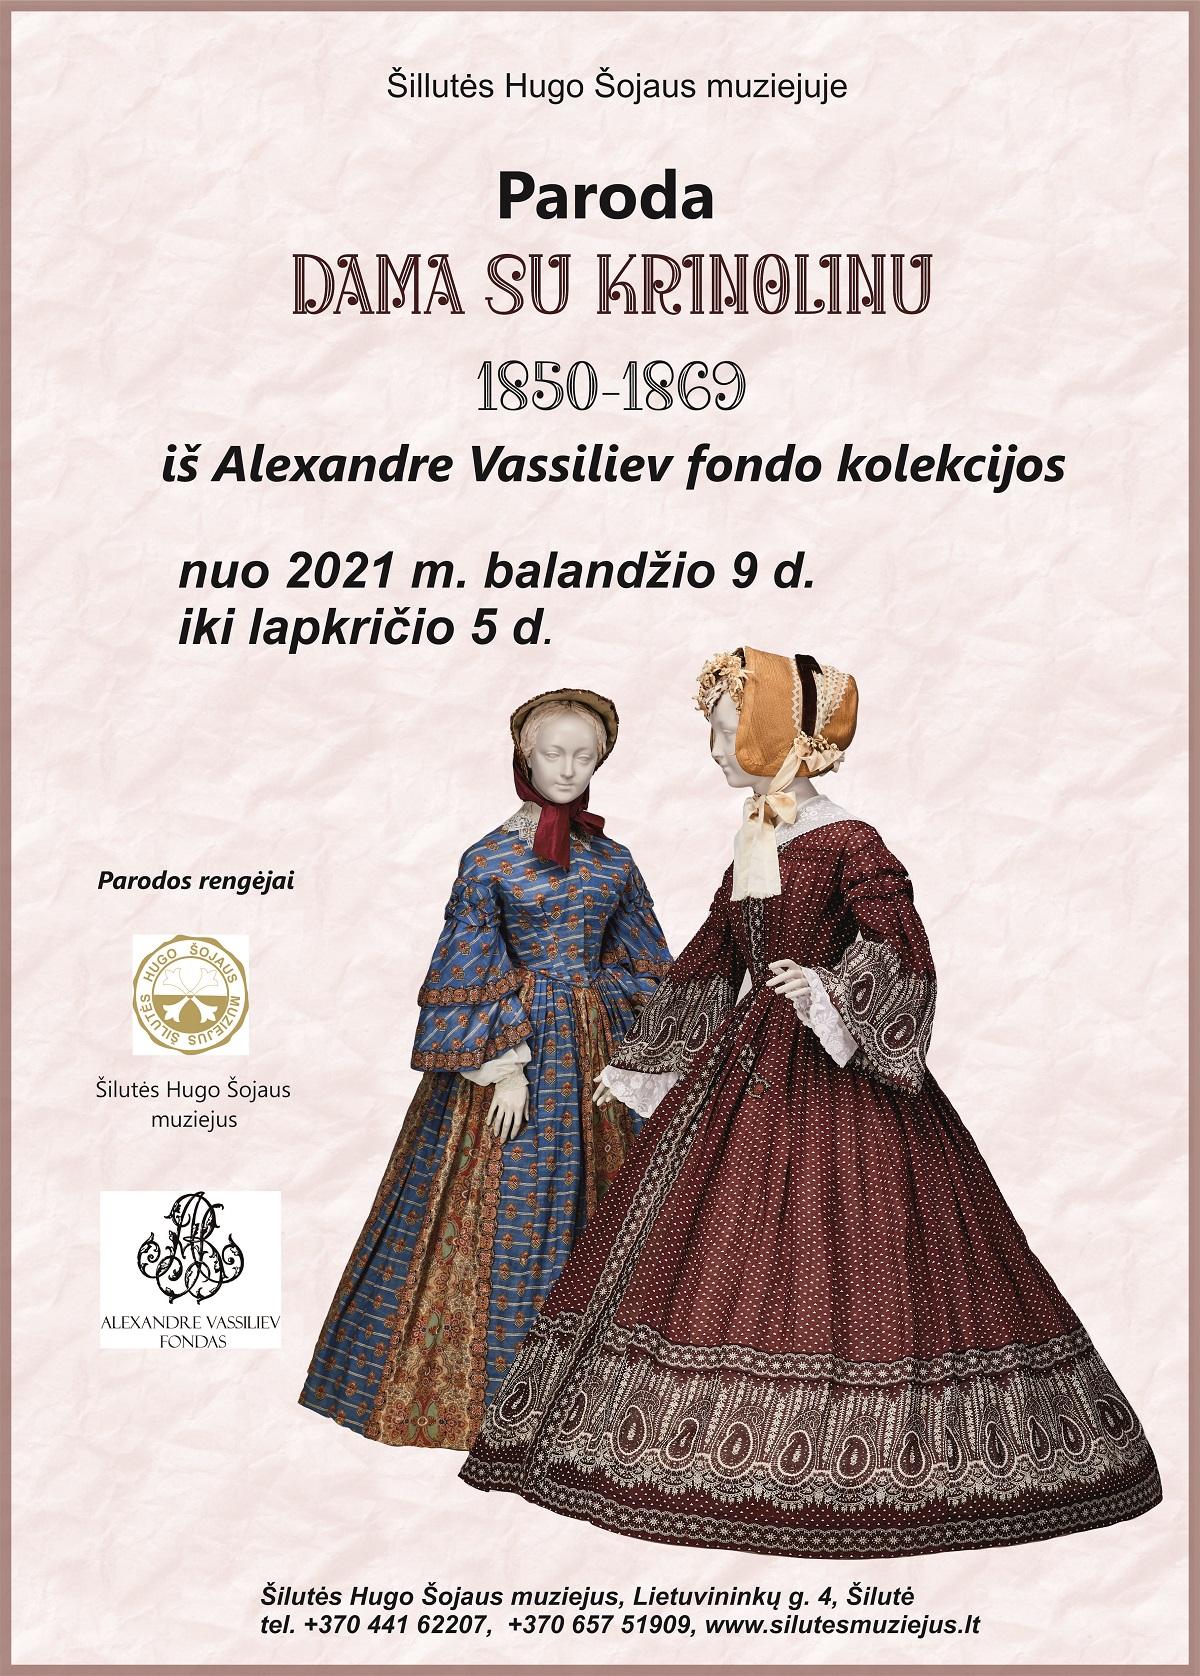 """Paroda """"Dama su krinolinu 1850-1869 iš Alexandre Vassiliev fondo kolekcijos"""""""